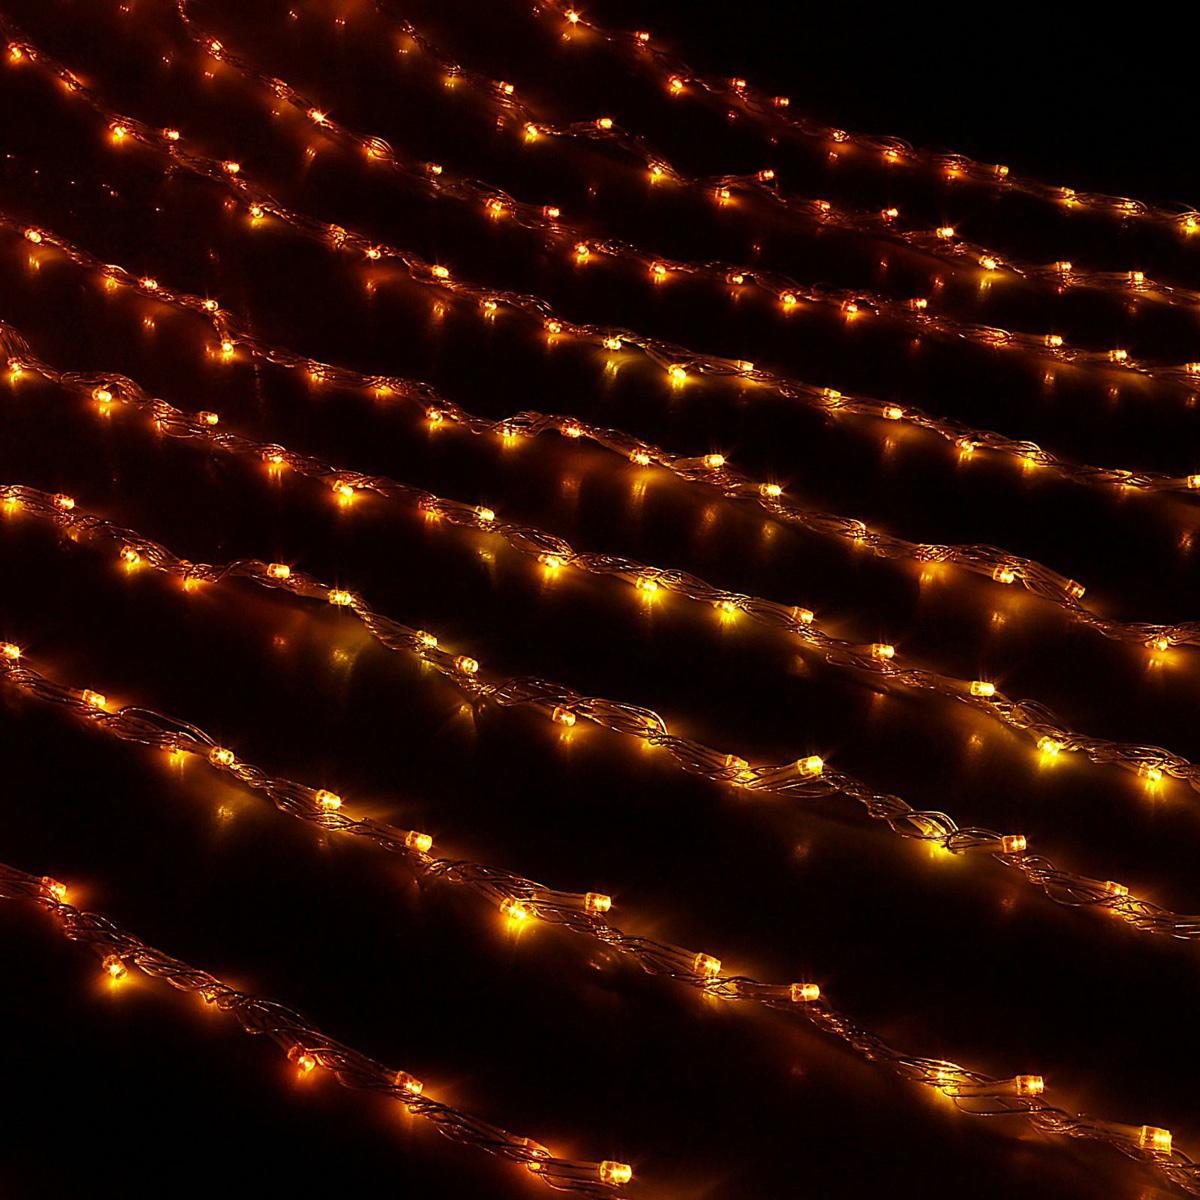 Гирлянда светодиодная Luazon Дождь, уличная, 8 режимов, 800 ламп, 220 V, цвет: желтый, 2 х 3 м. 187299187299Светодиодные гирлянды, ленты и т.д — это отличный вариант для новогоднего оформления интерьера или фасада. С их помощью помещение любого размера можно превратить в праздничный зал, а внешние элементы зданий, украшенные ими, мгновенно станут напоминать очертания сказочного дворца. Такие украшения создают ауру предвкушения чуда. Деревья, фасады, витрины, окна и арки будто специально созданы, чтобы вы украсили их светящимися нитями.